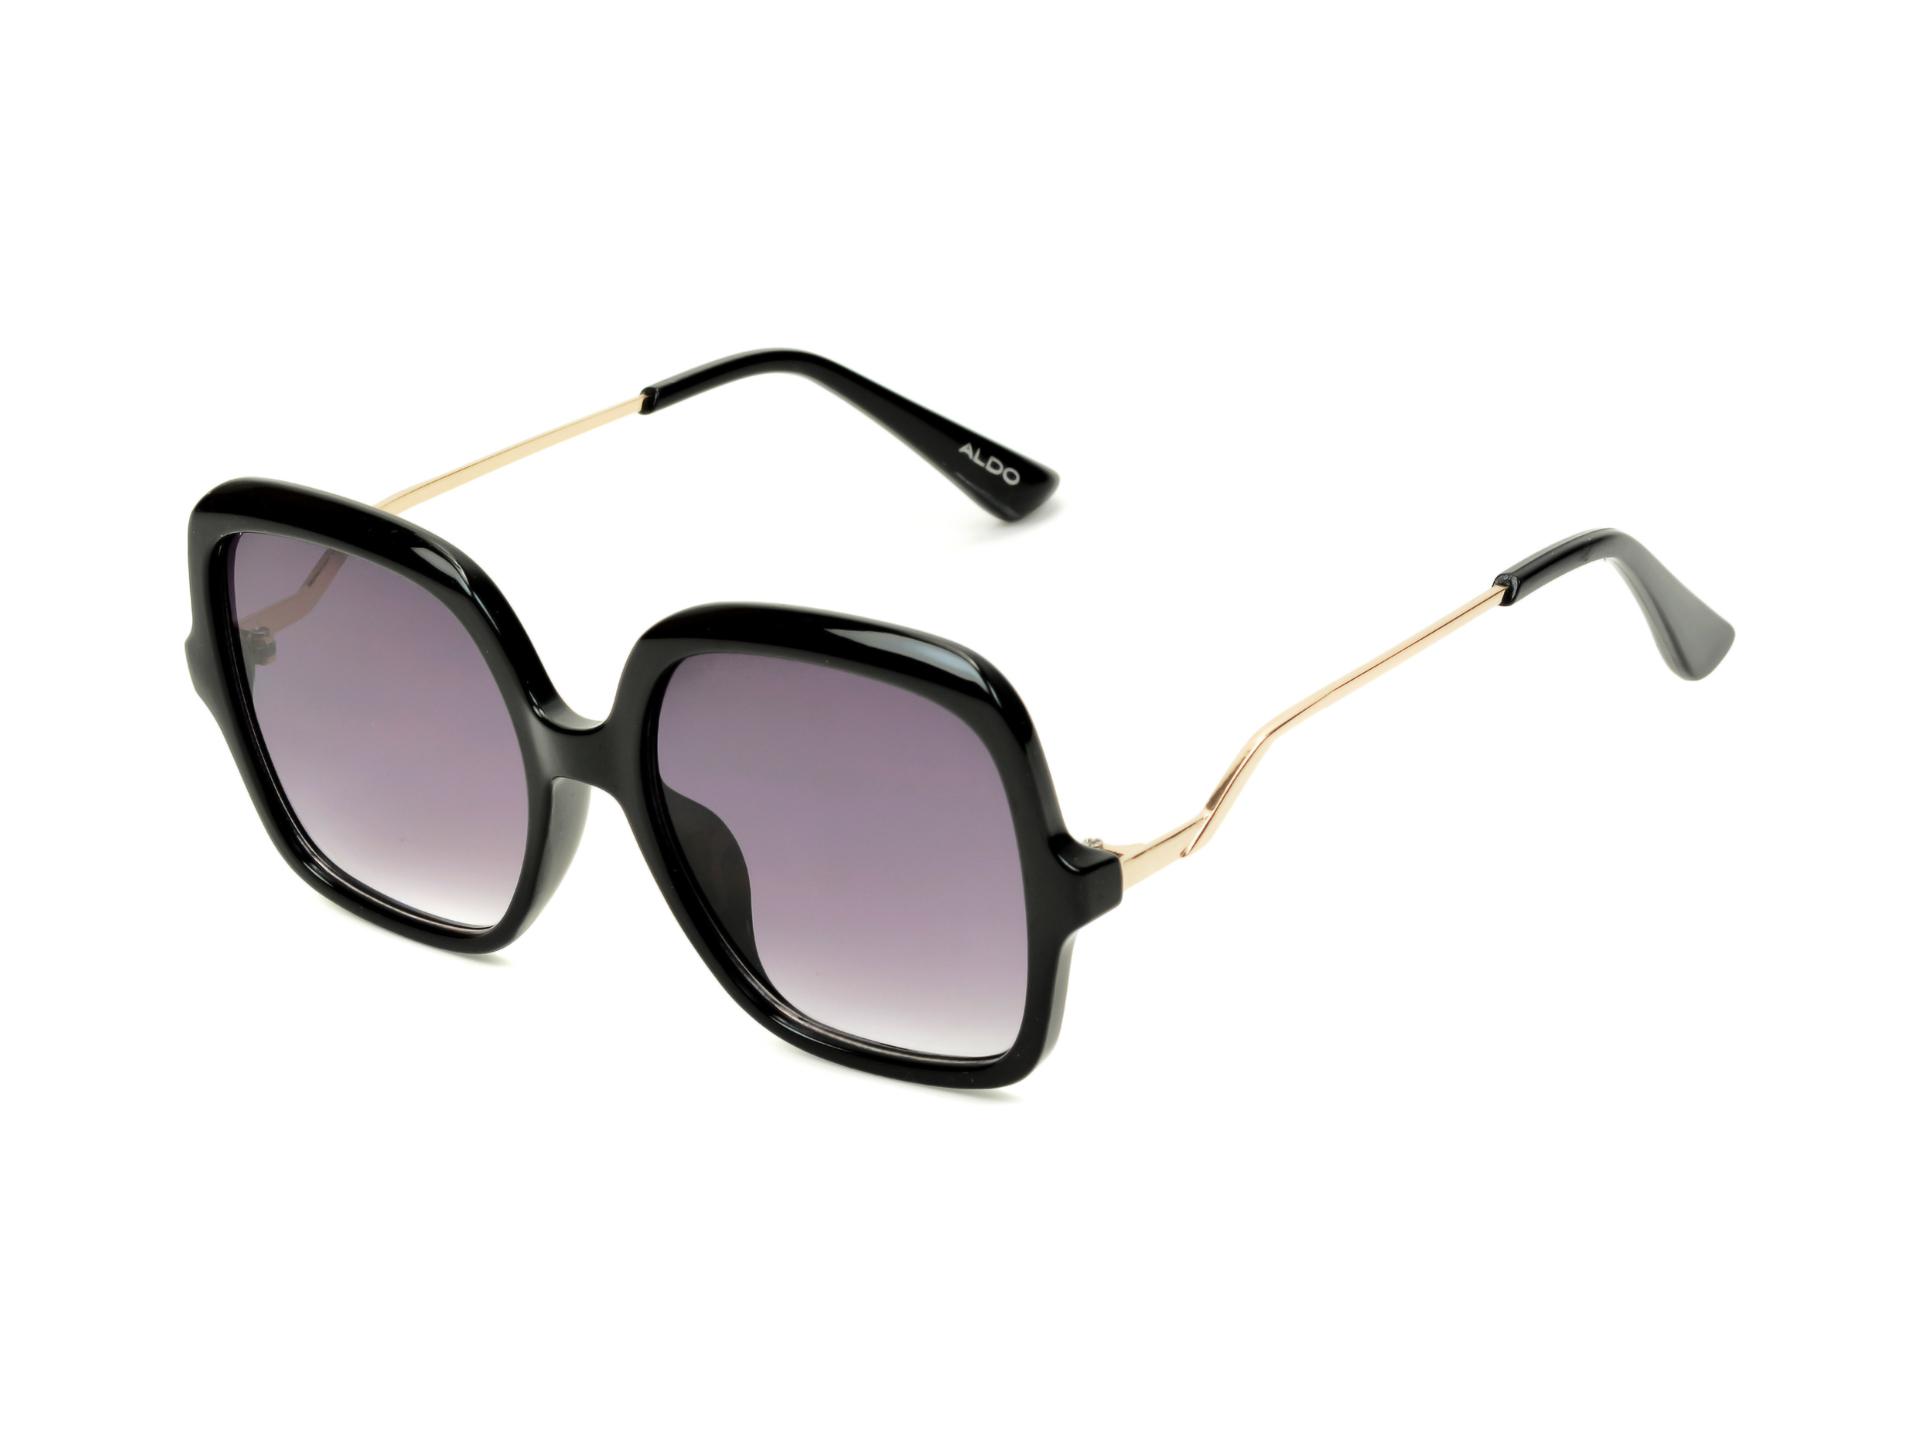 Ochelari de soare ALDO negri, Koumala970, din PVC imagine